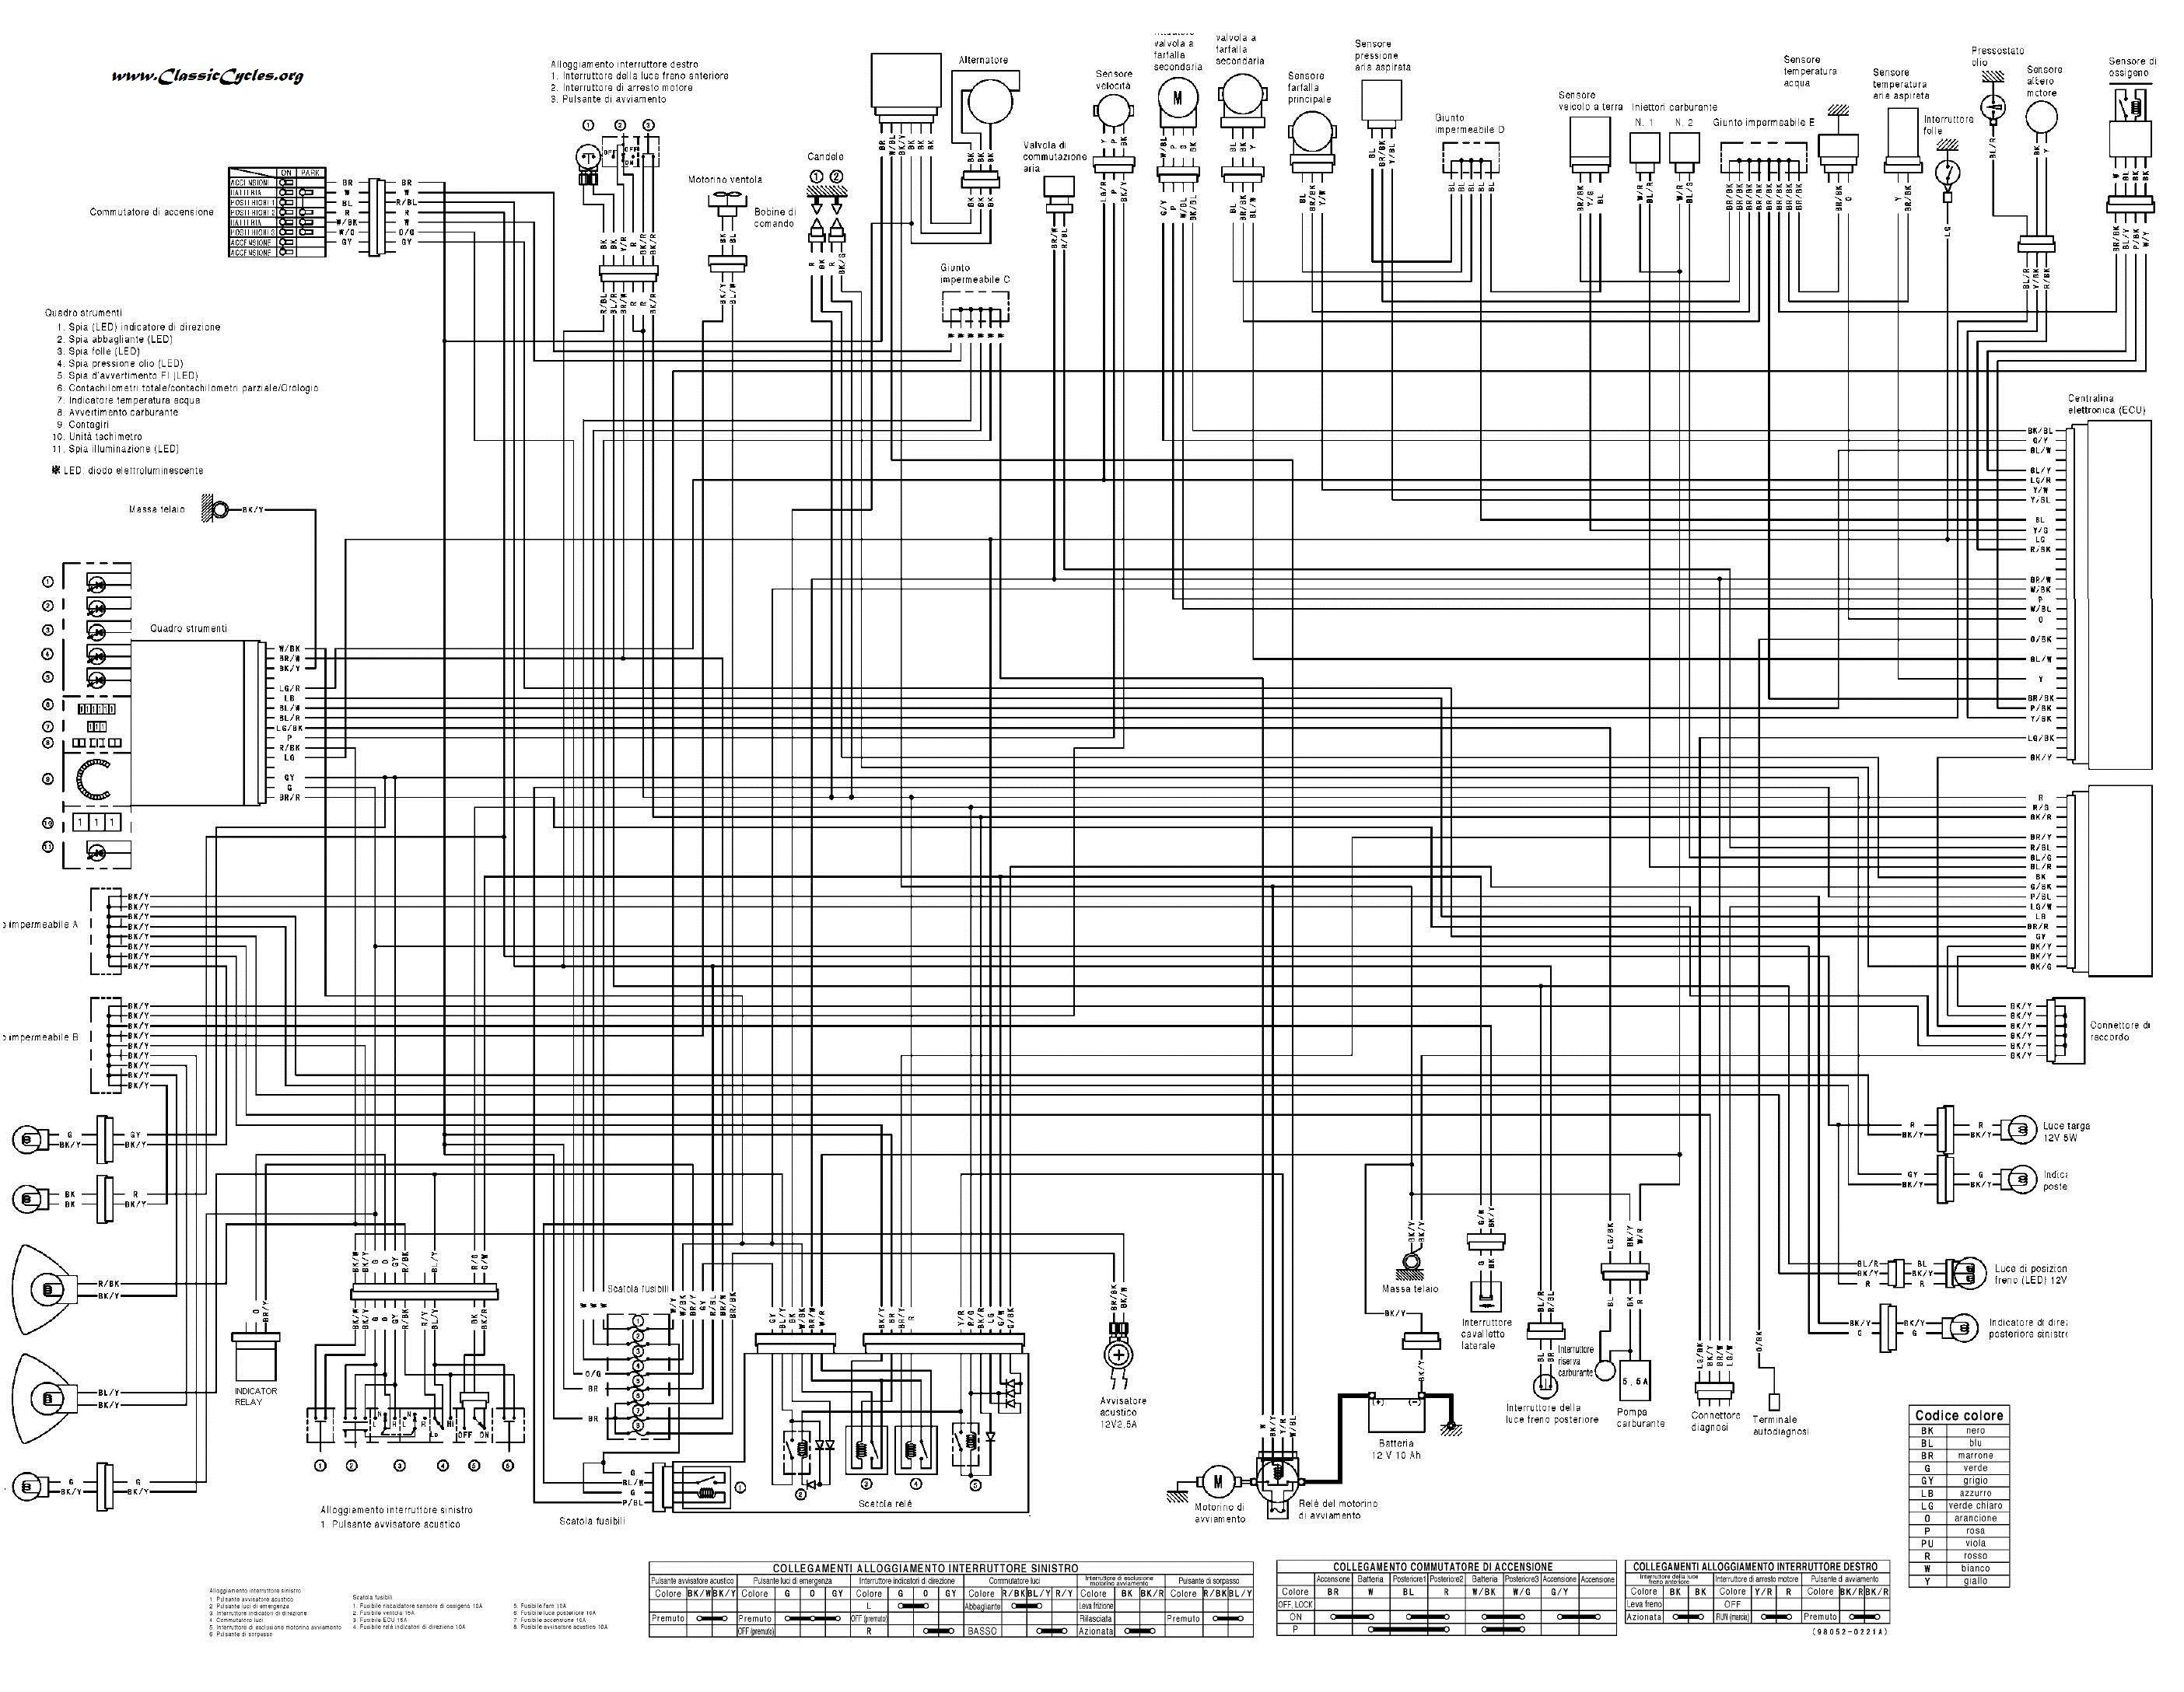 kawasaki wire diagram - wiring diagrams carve-tunnel -  carve-tunnel.alcuoredeldiabete.it  al cuore del diabete